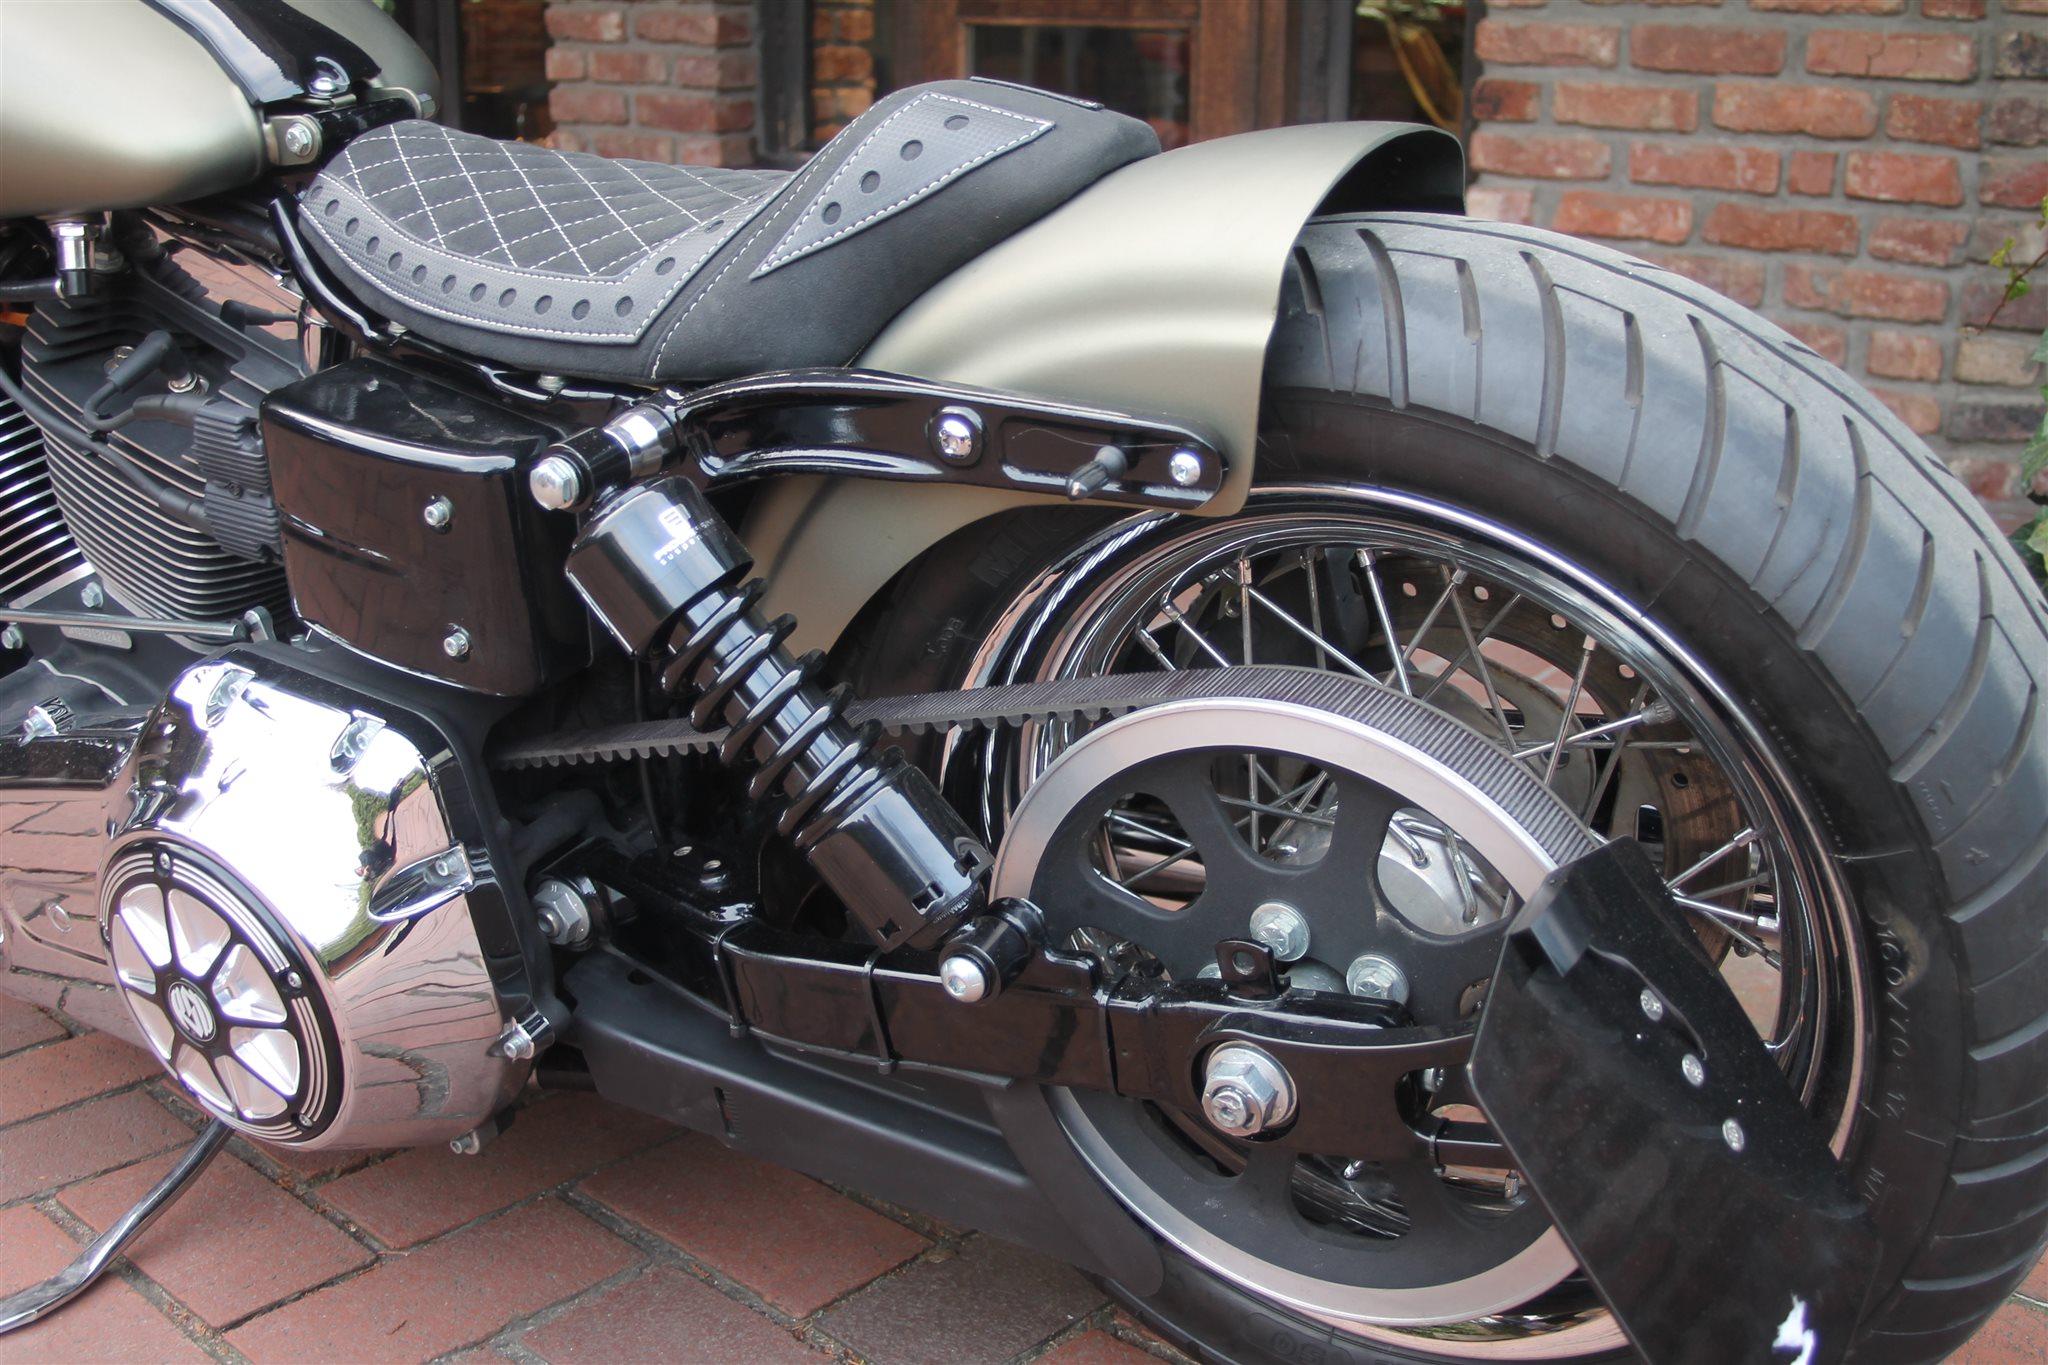 Cruiser Lowrider Fahrrad in 41063 Mönchengladbach für